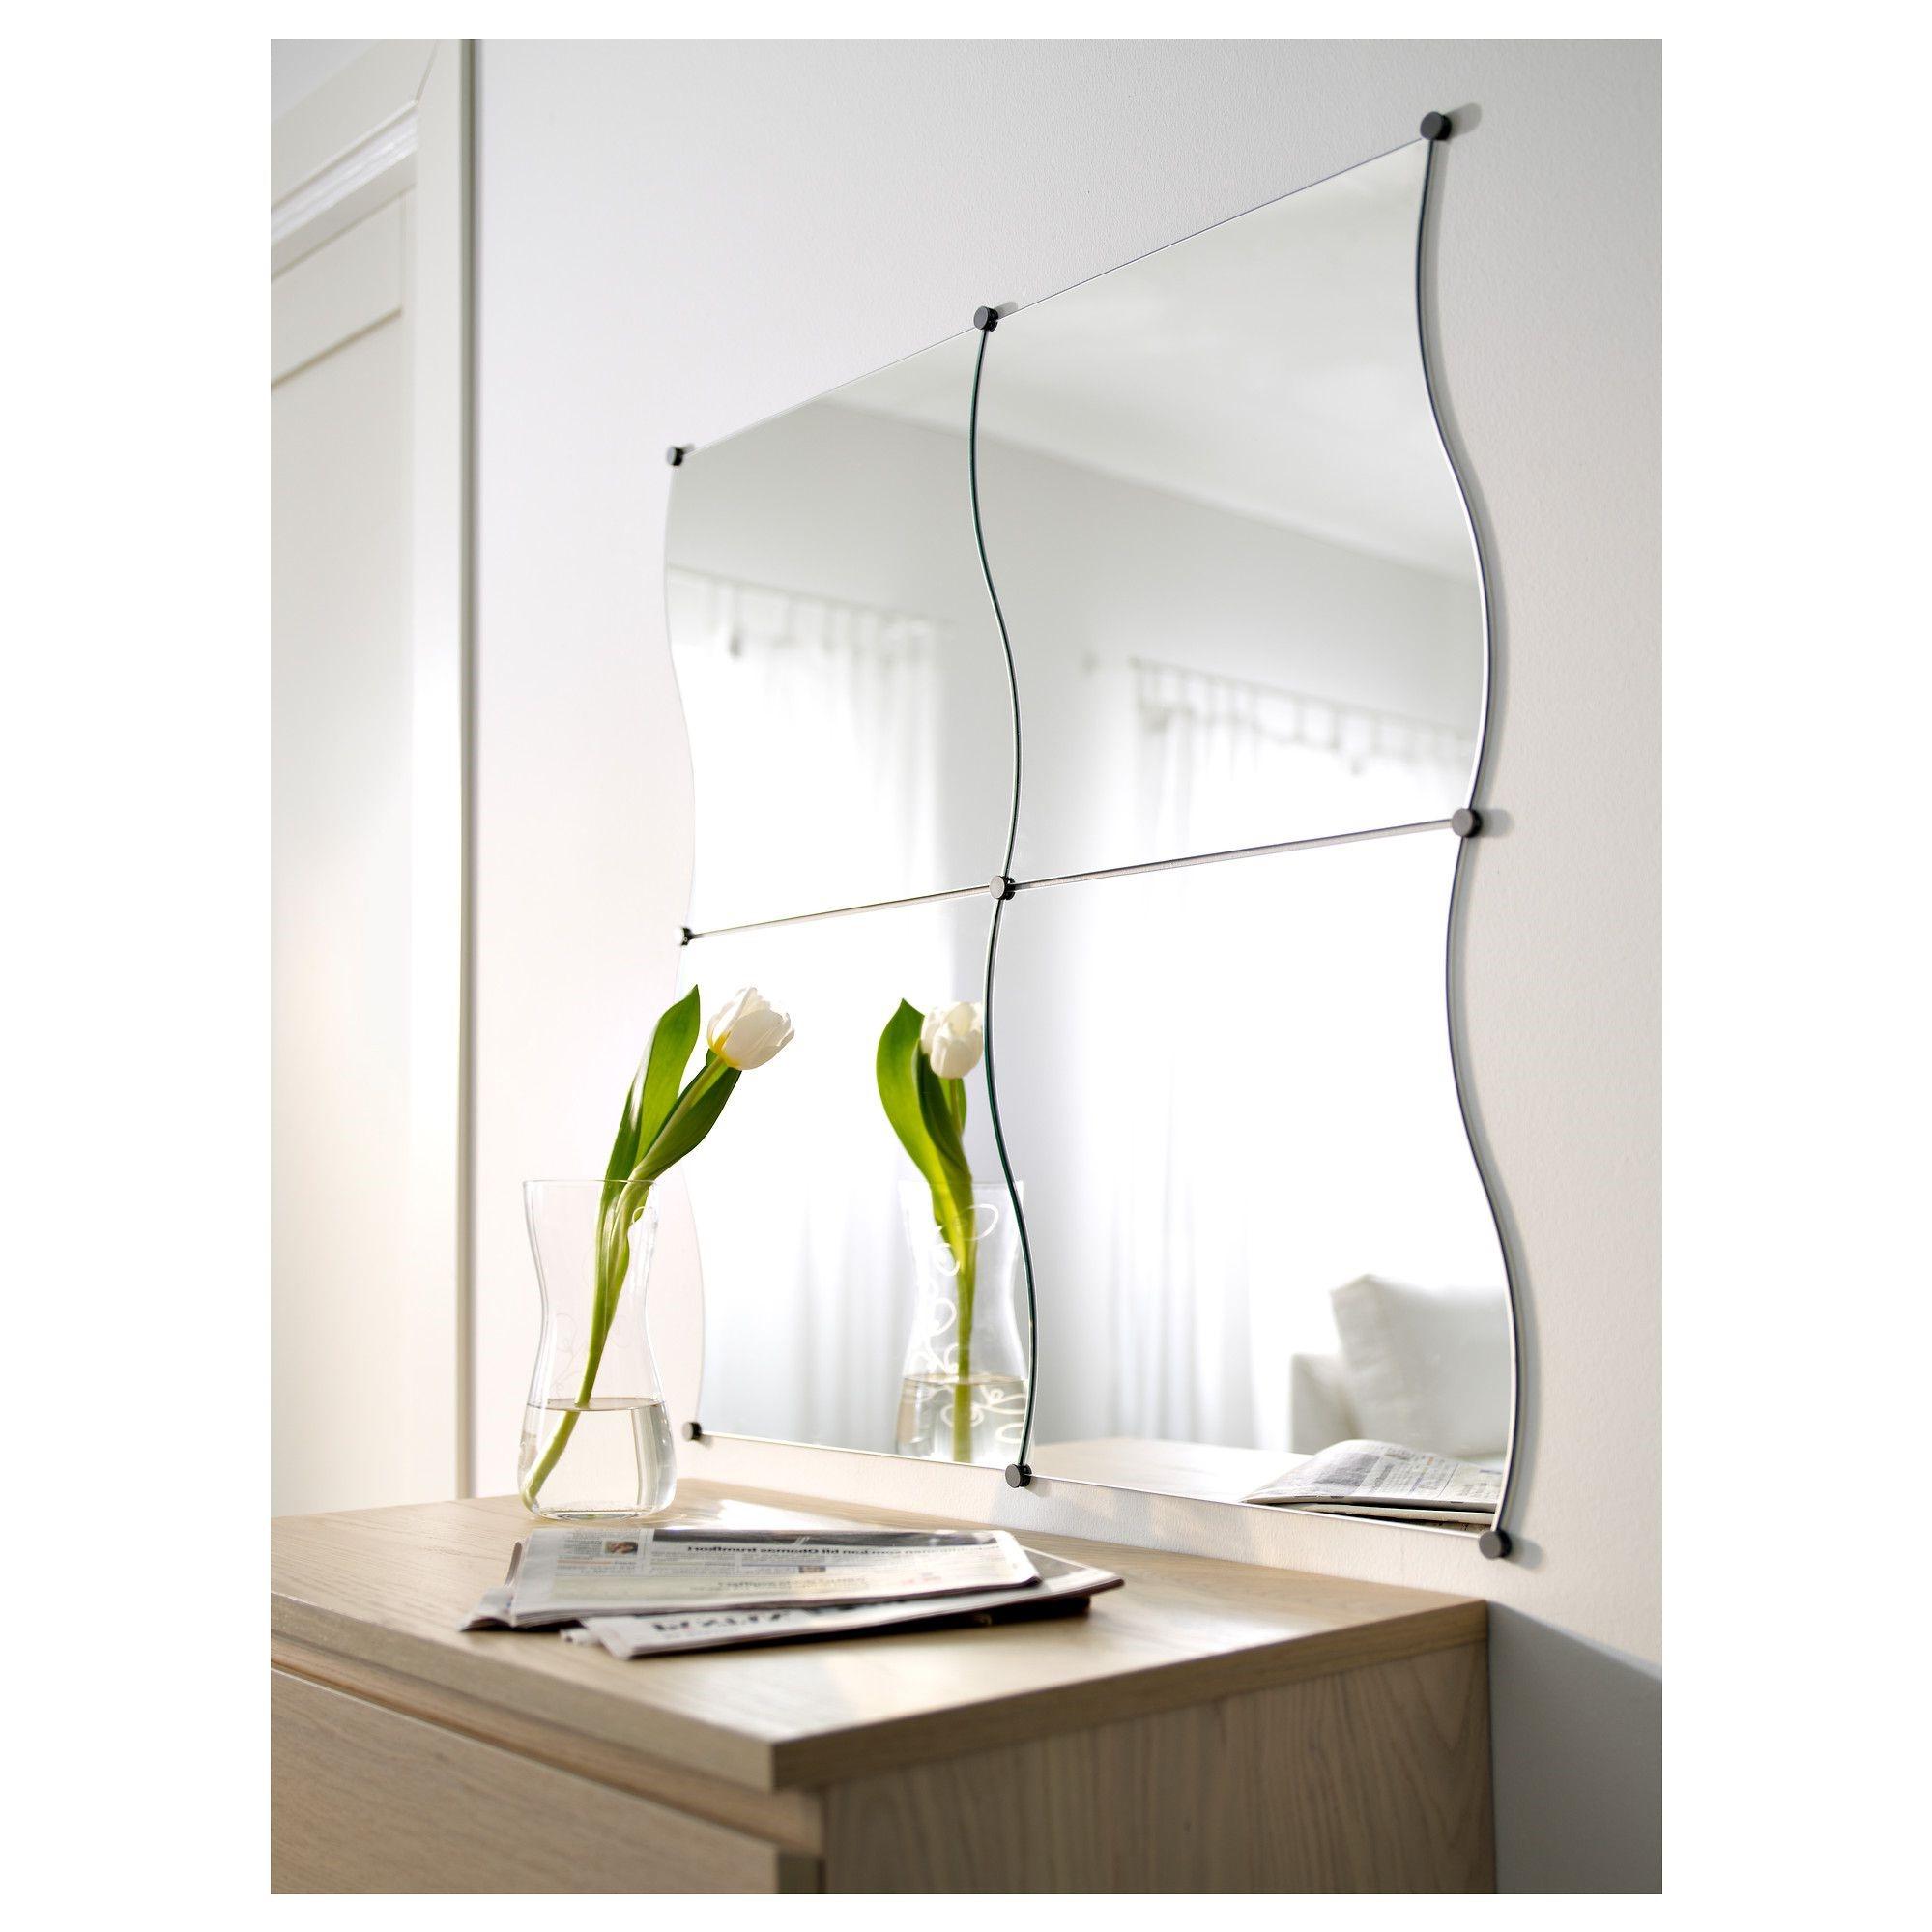 Miroir moderne pour votre maison.